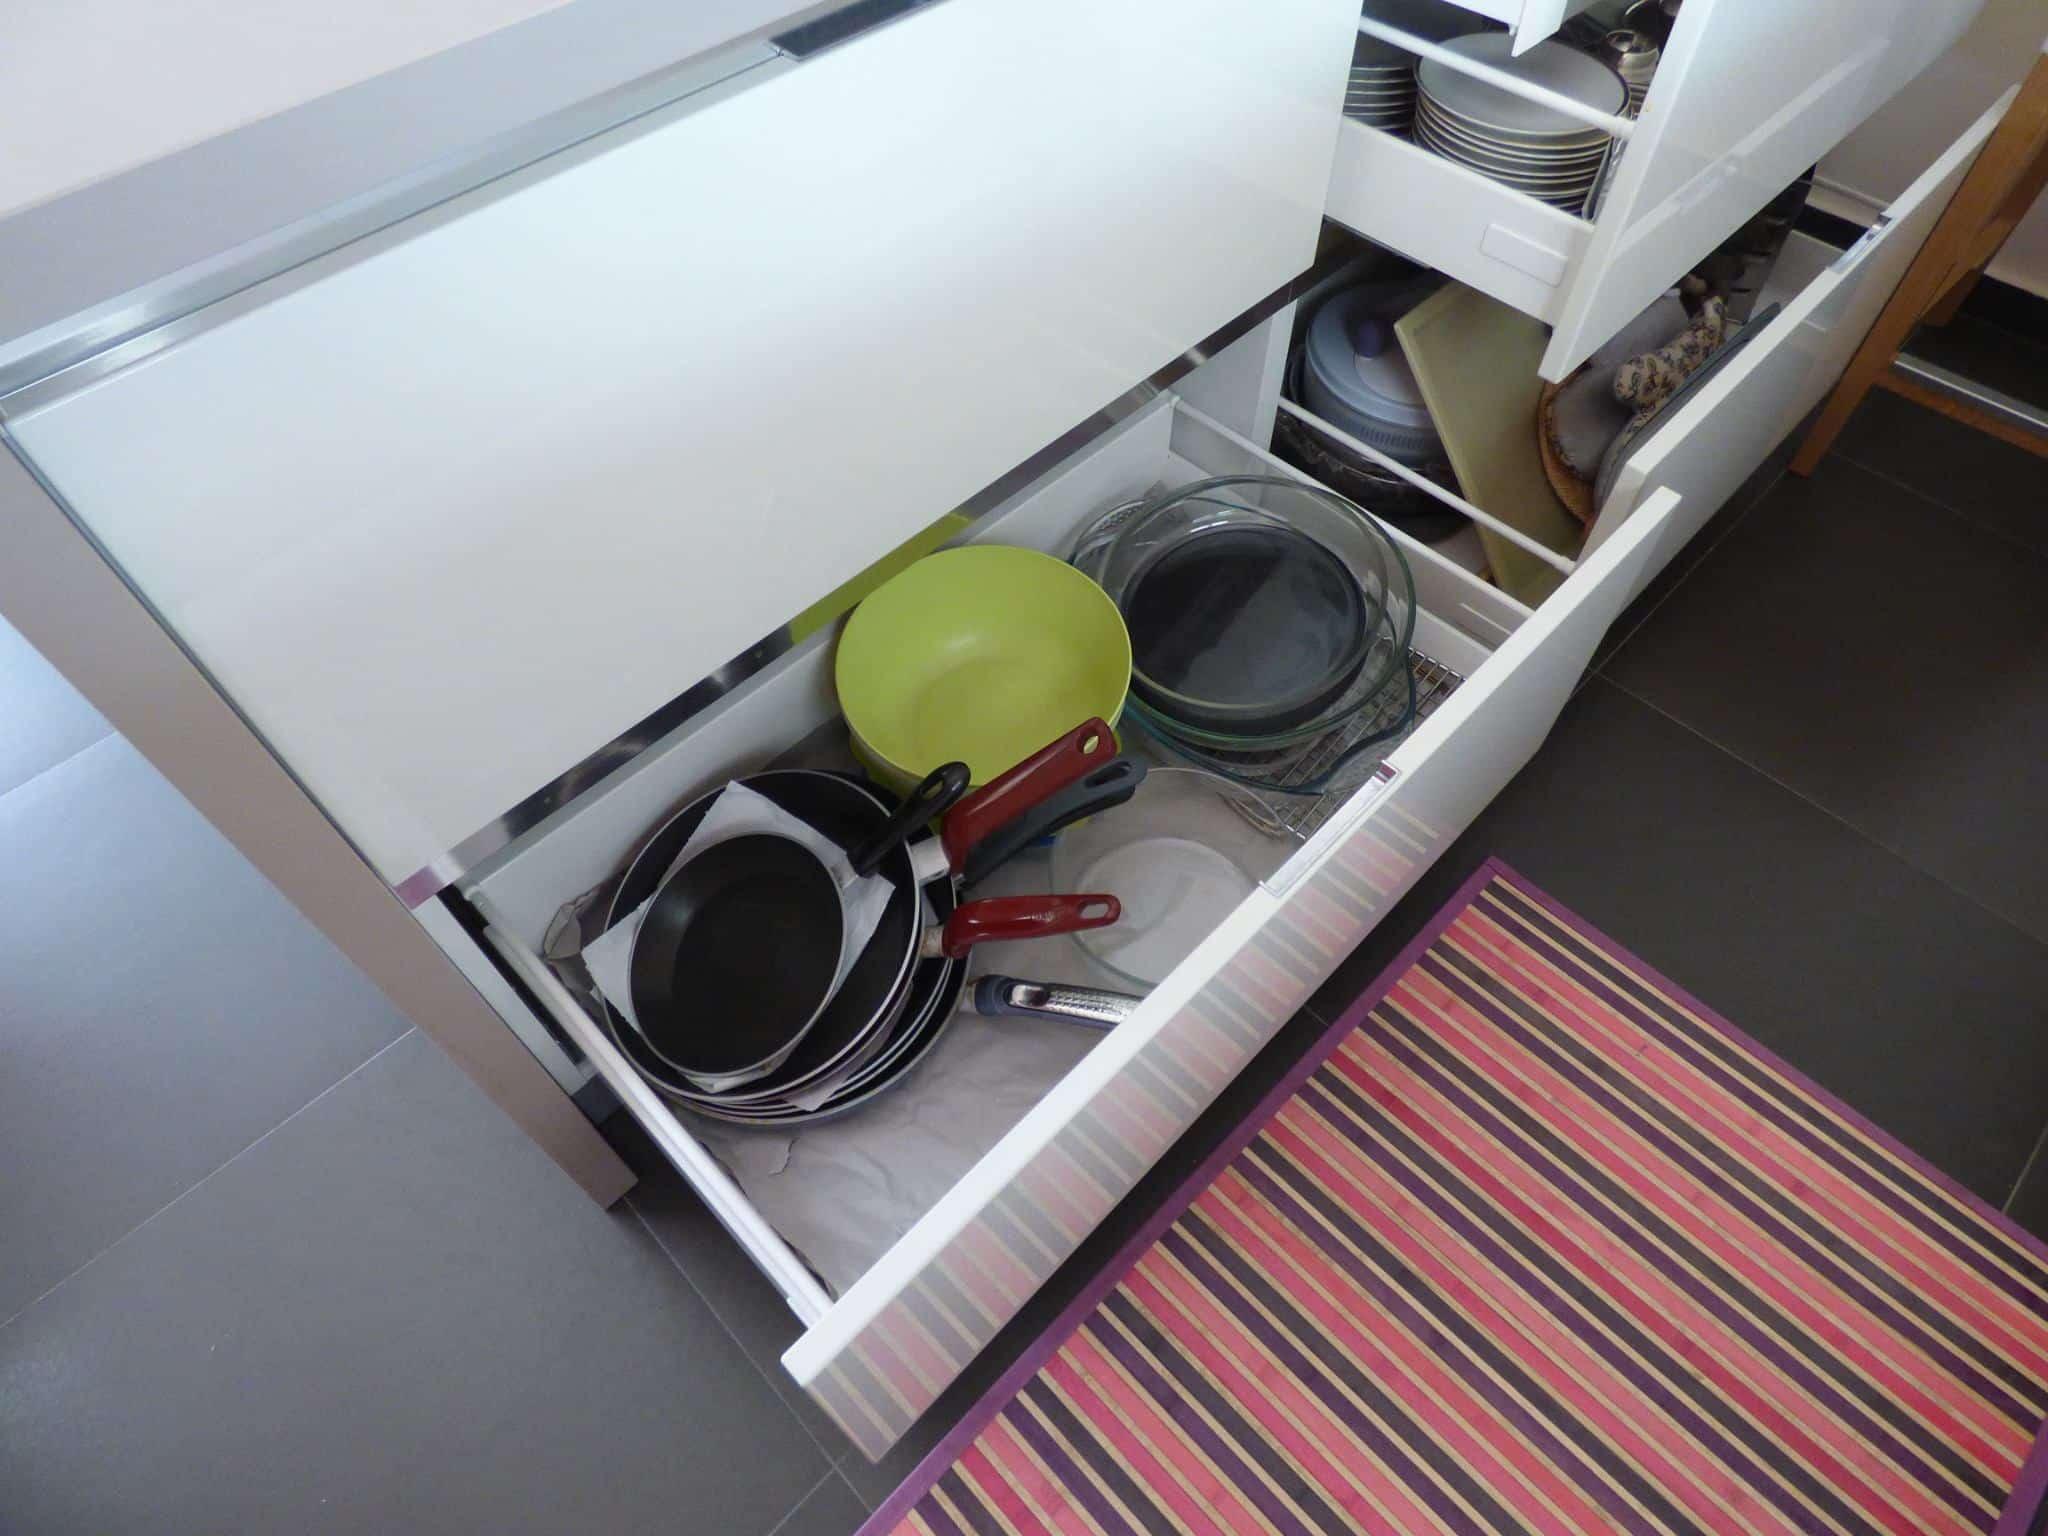 Έπιπλα Κουζίνας Λάκας Nexa με χωνετή λαβή Gola και πάγκους Νανοτεχνολογίας FENIX NTM® χρωματισμού Zinco Doha 16